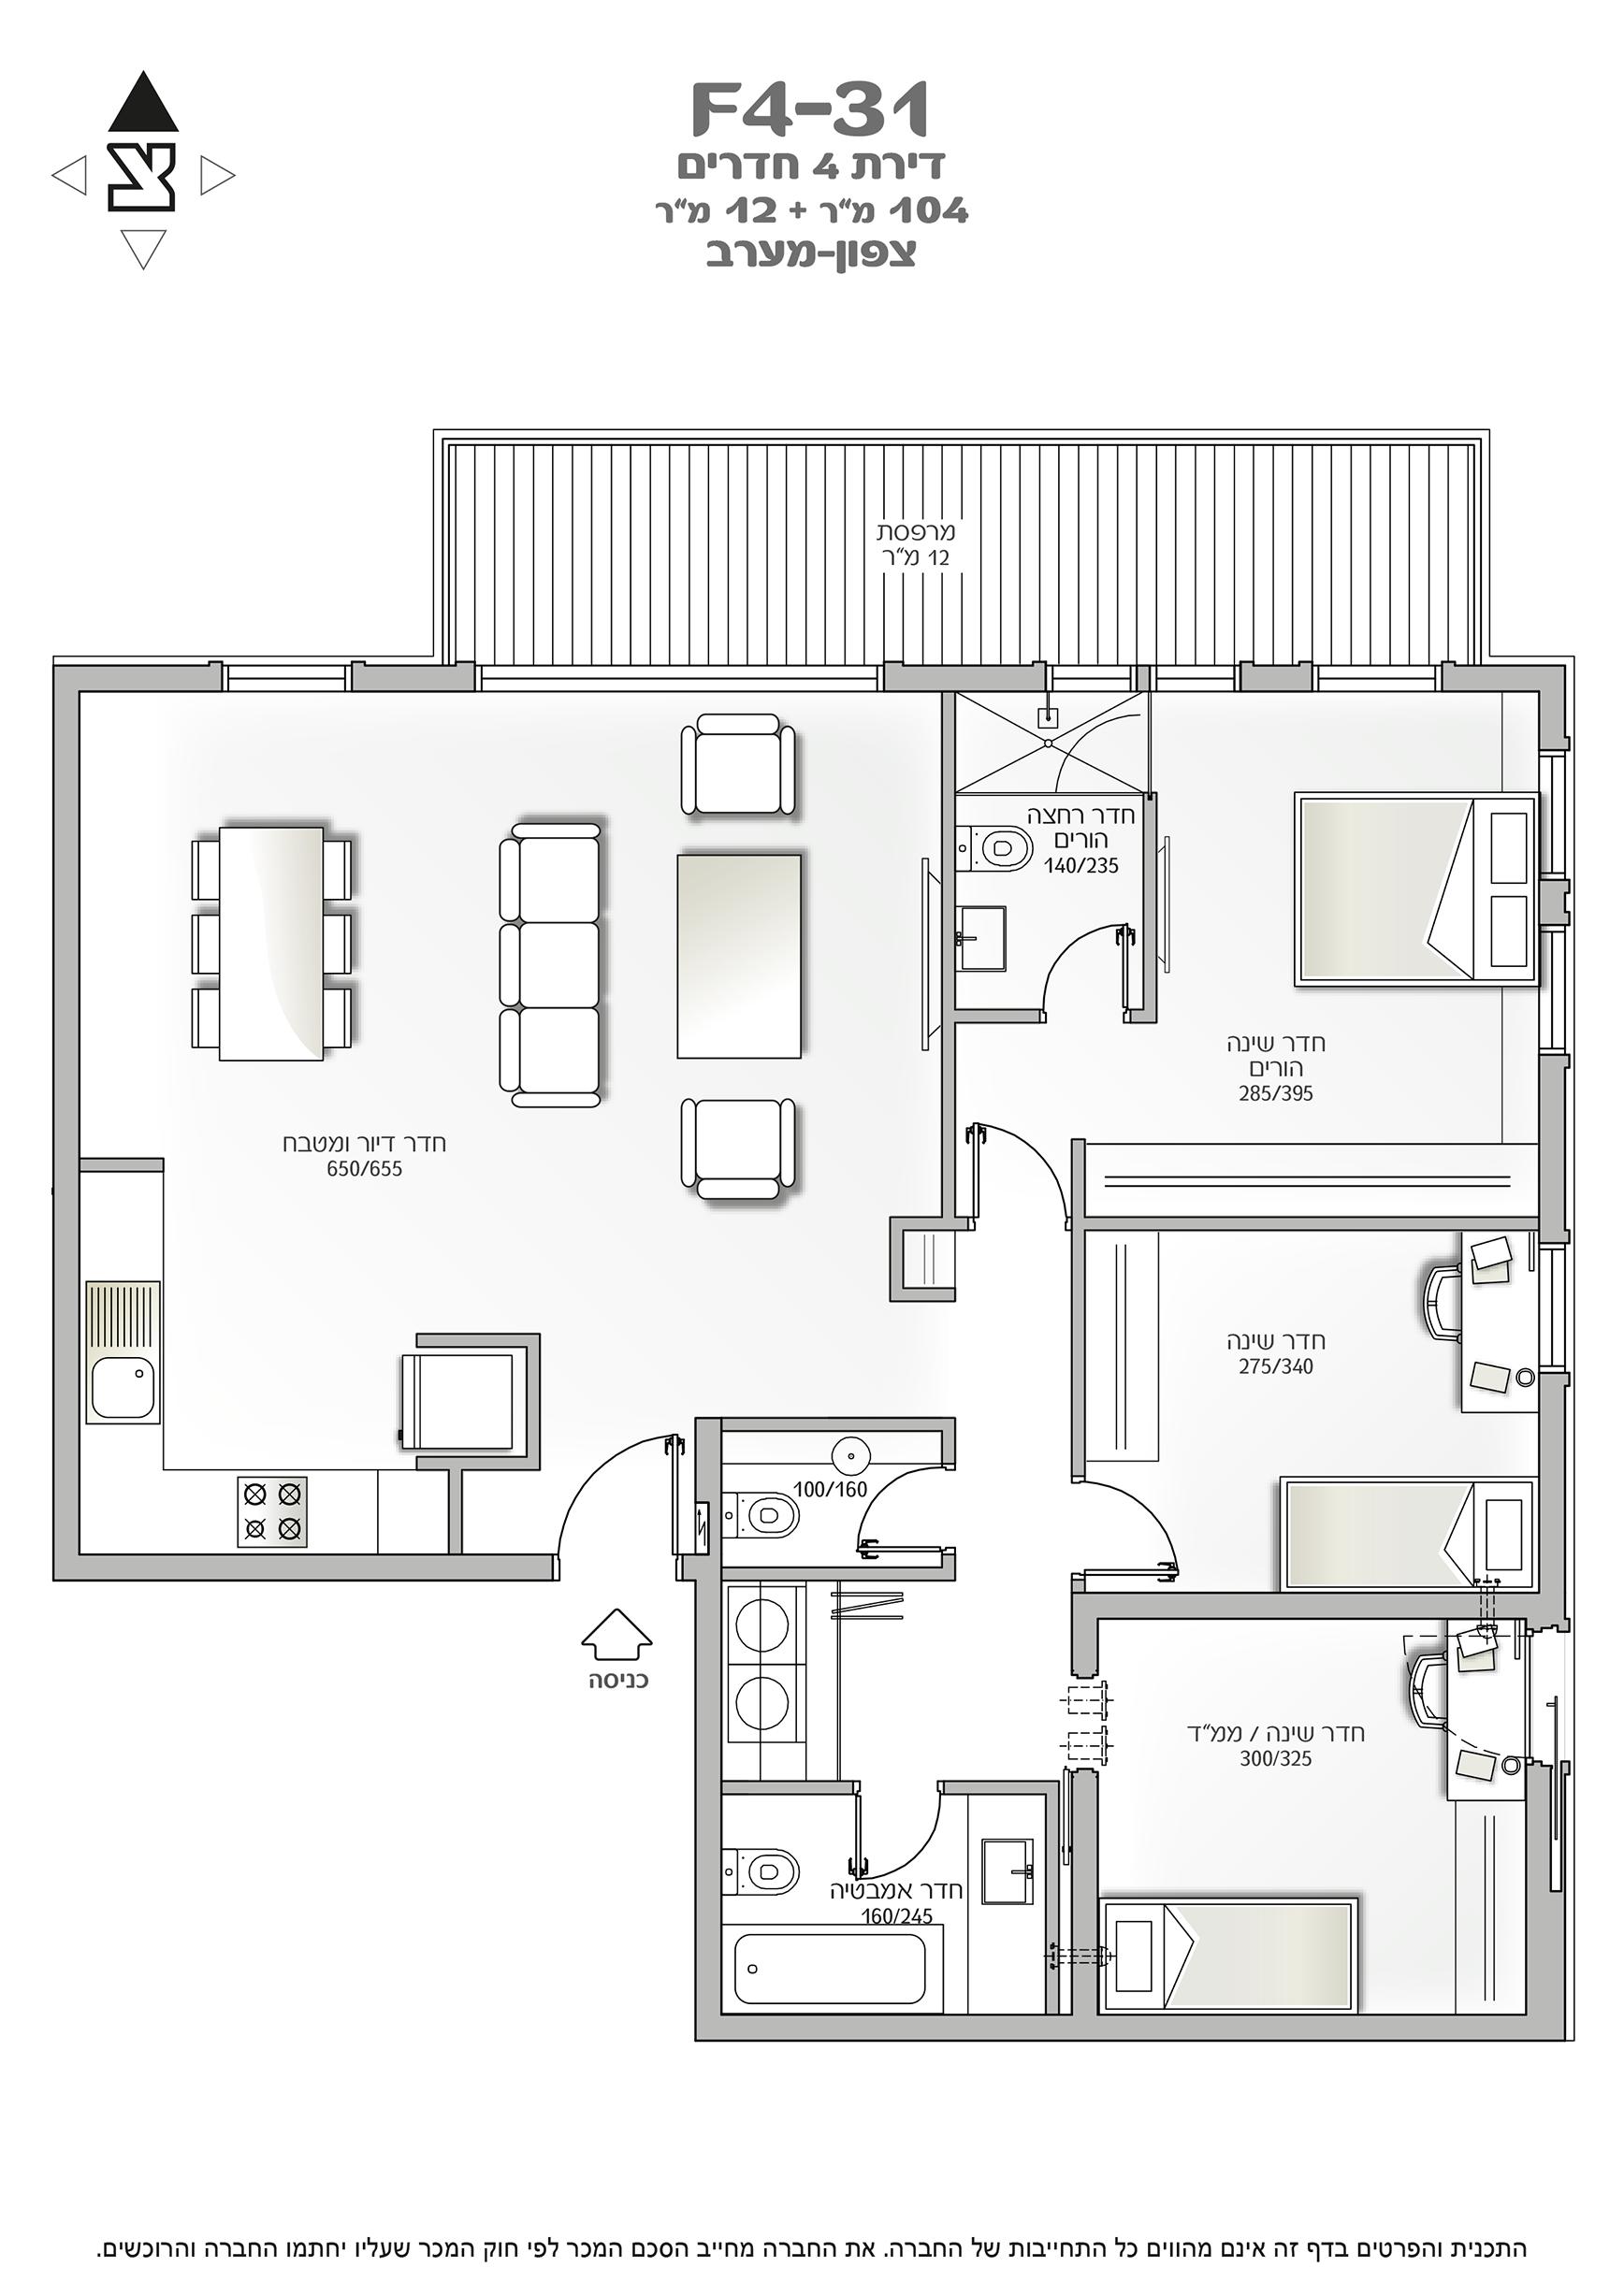 תוכנית דירה צבועה ומעוצבת